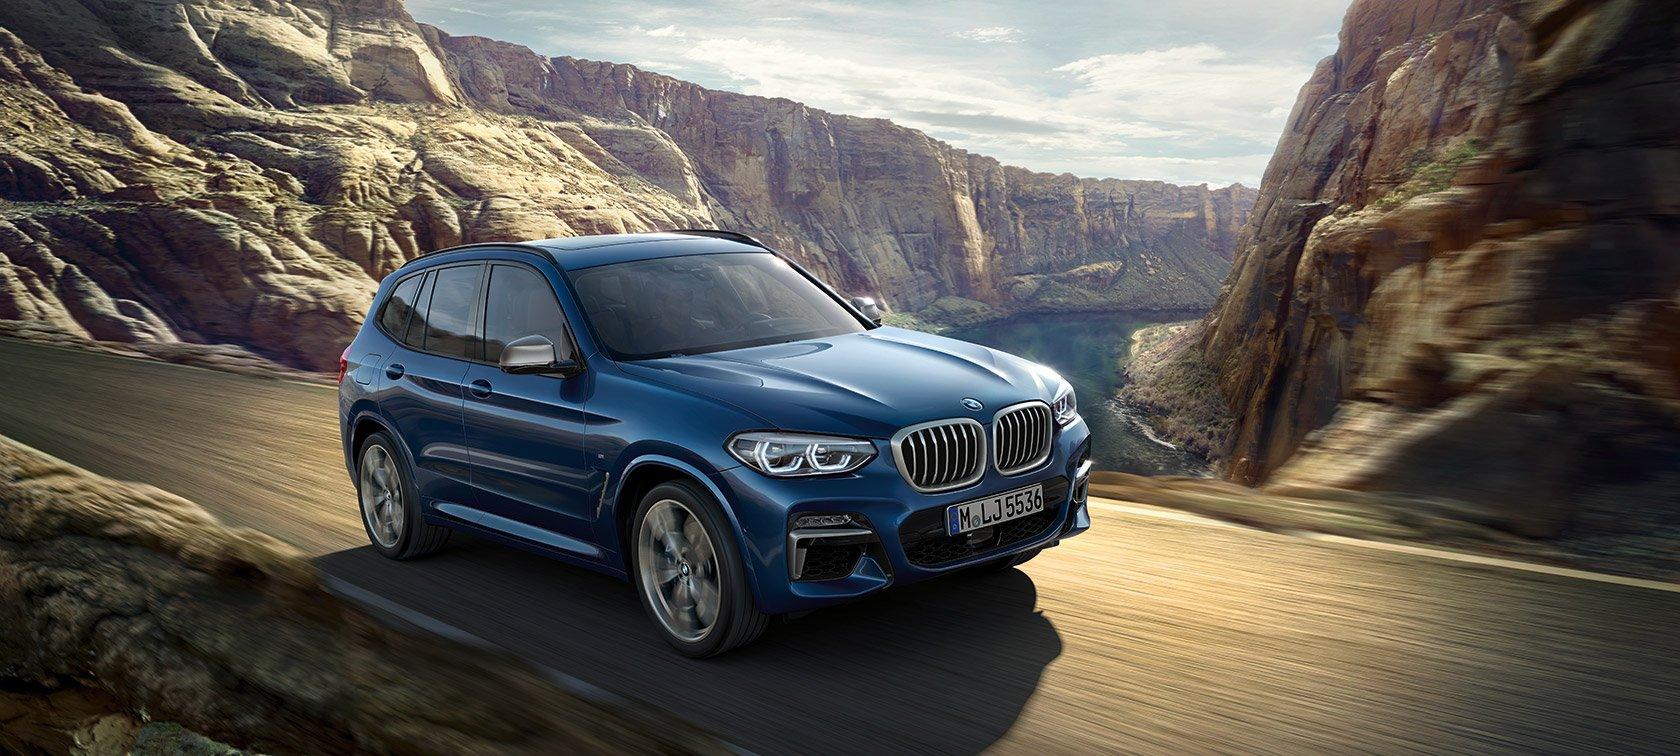 2018 BMW X3 Calgary BMW